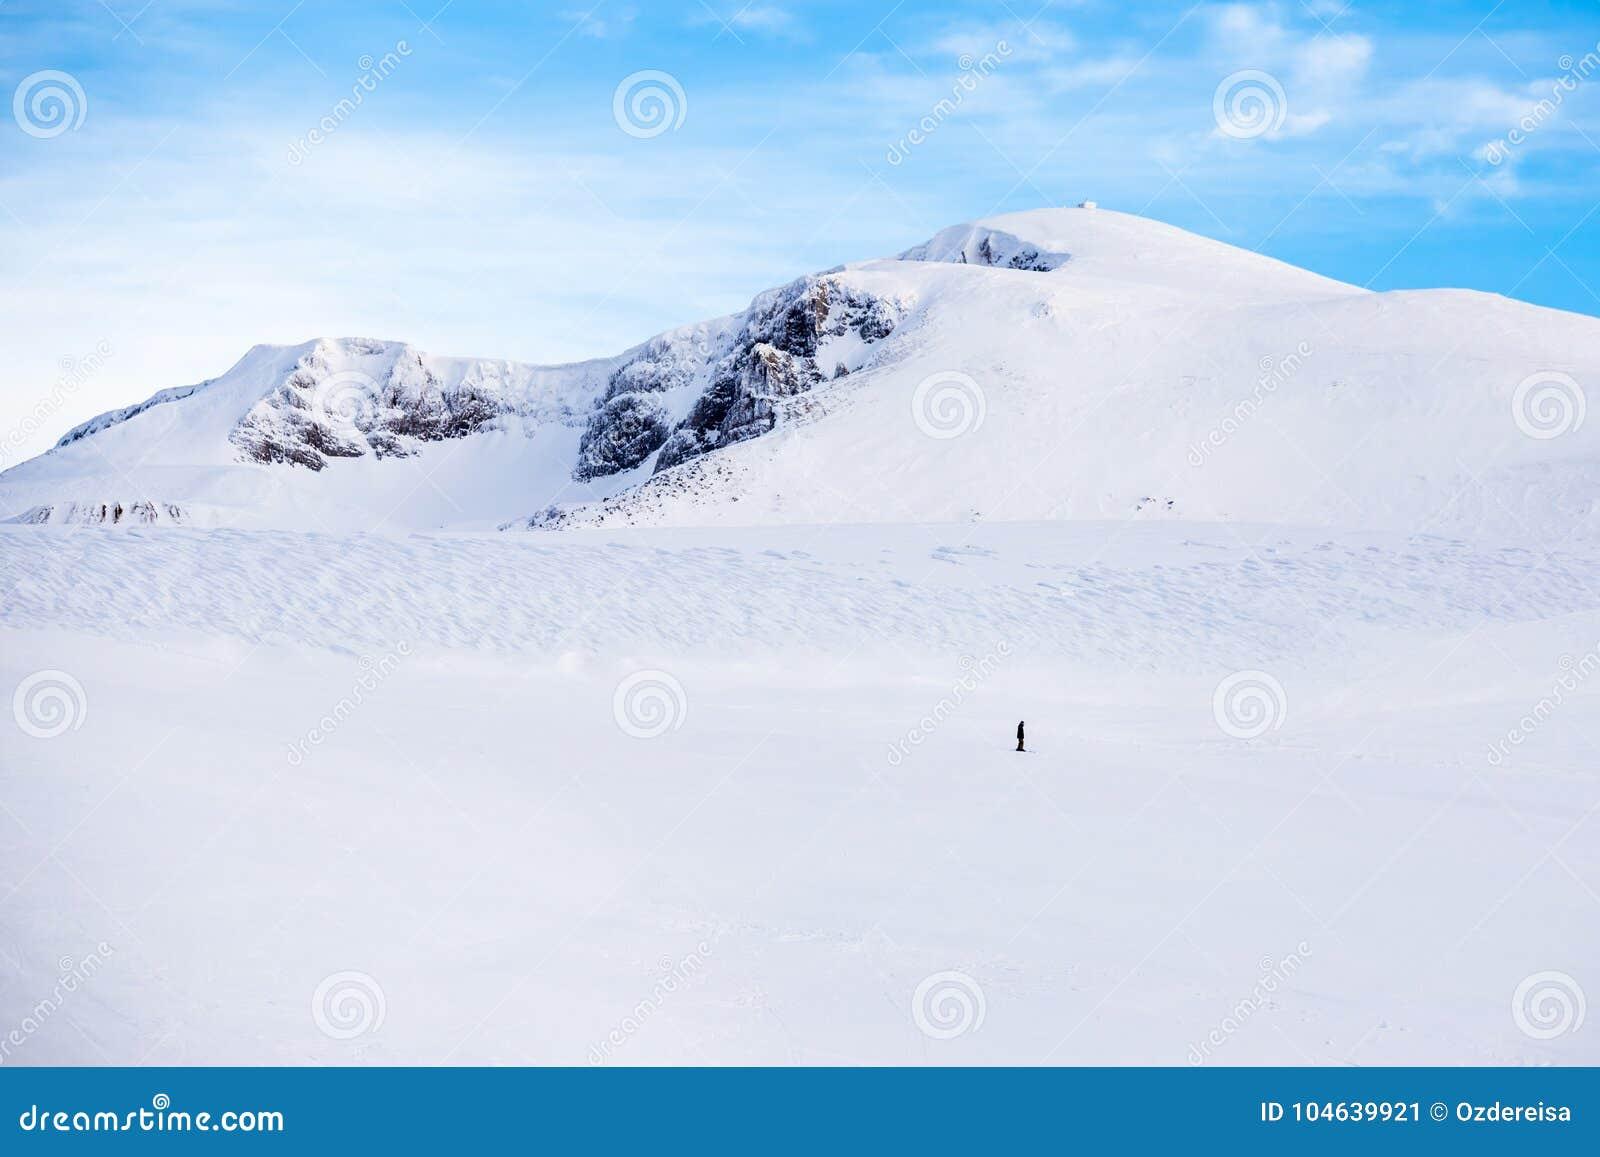 Download Één Snowboardersnowboards Op De Bodem Van Sneeuwberg Stock Afbeelding - Afbeelding bestaande uit raad, single: 104639921